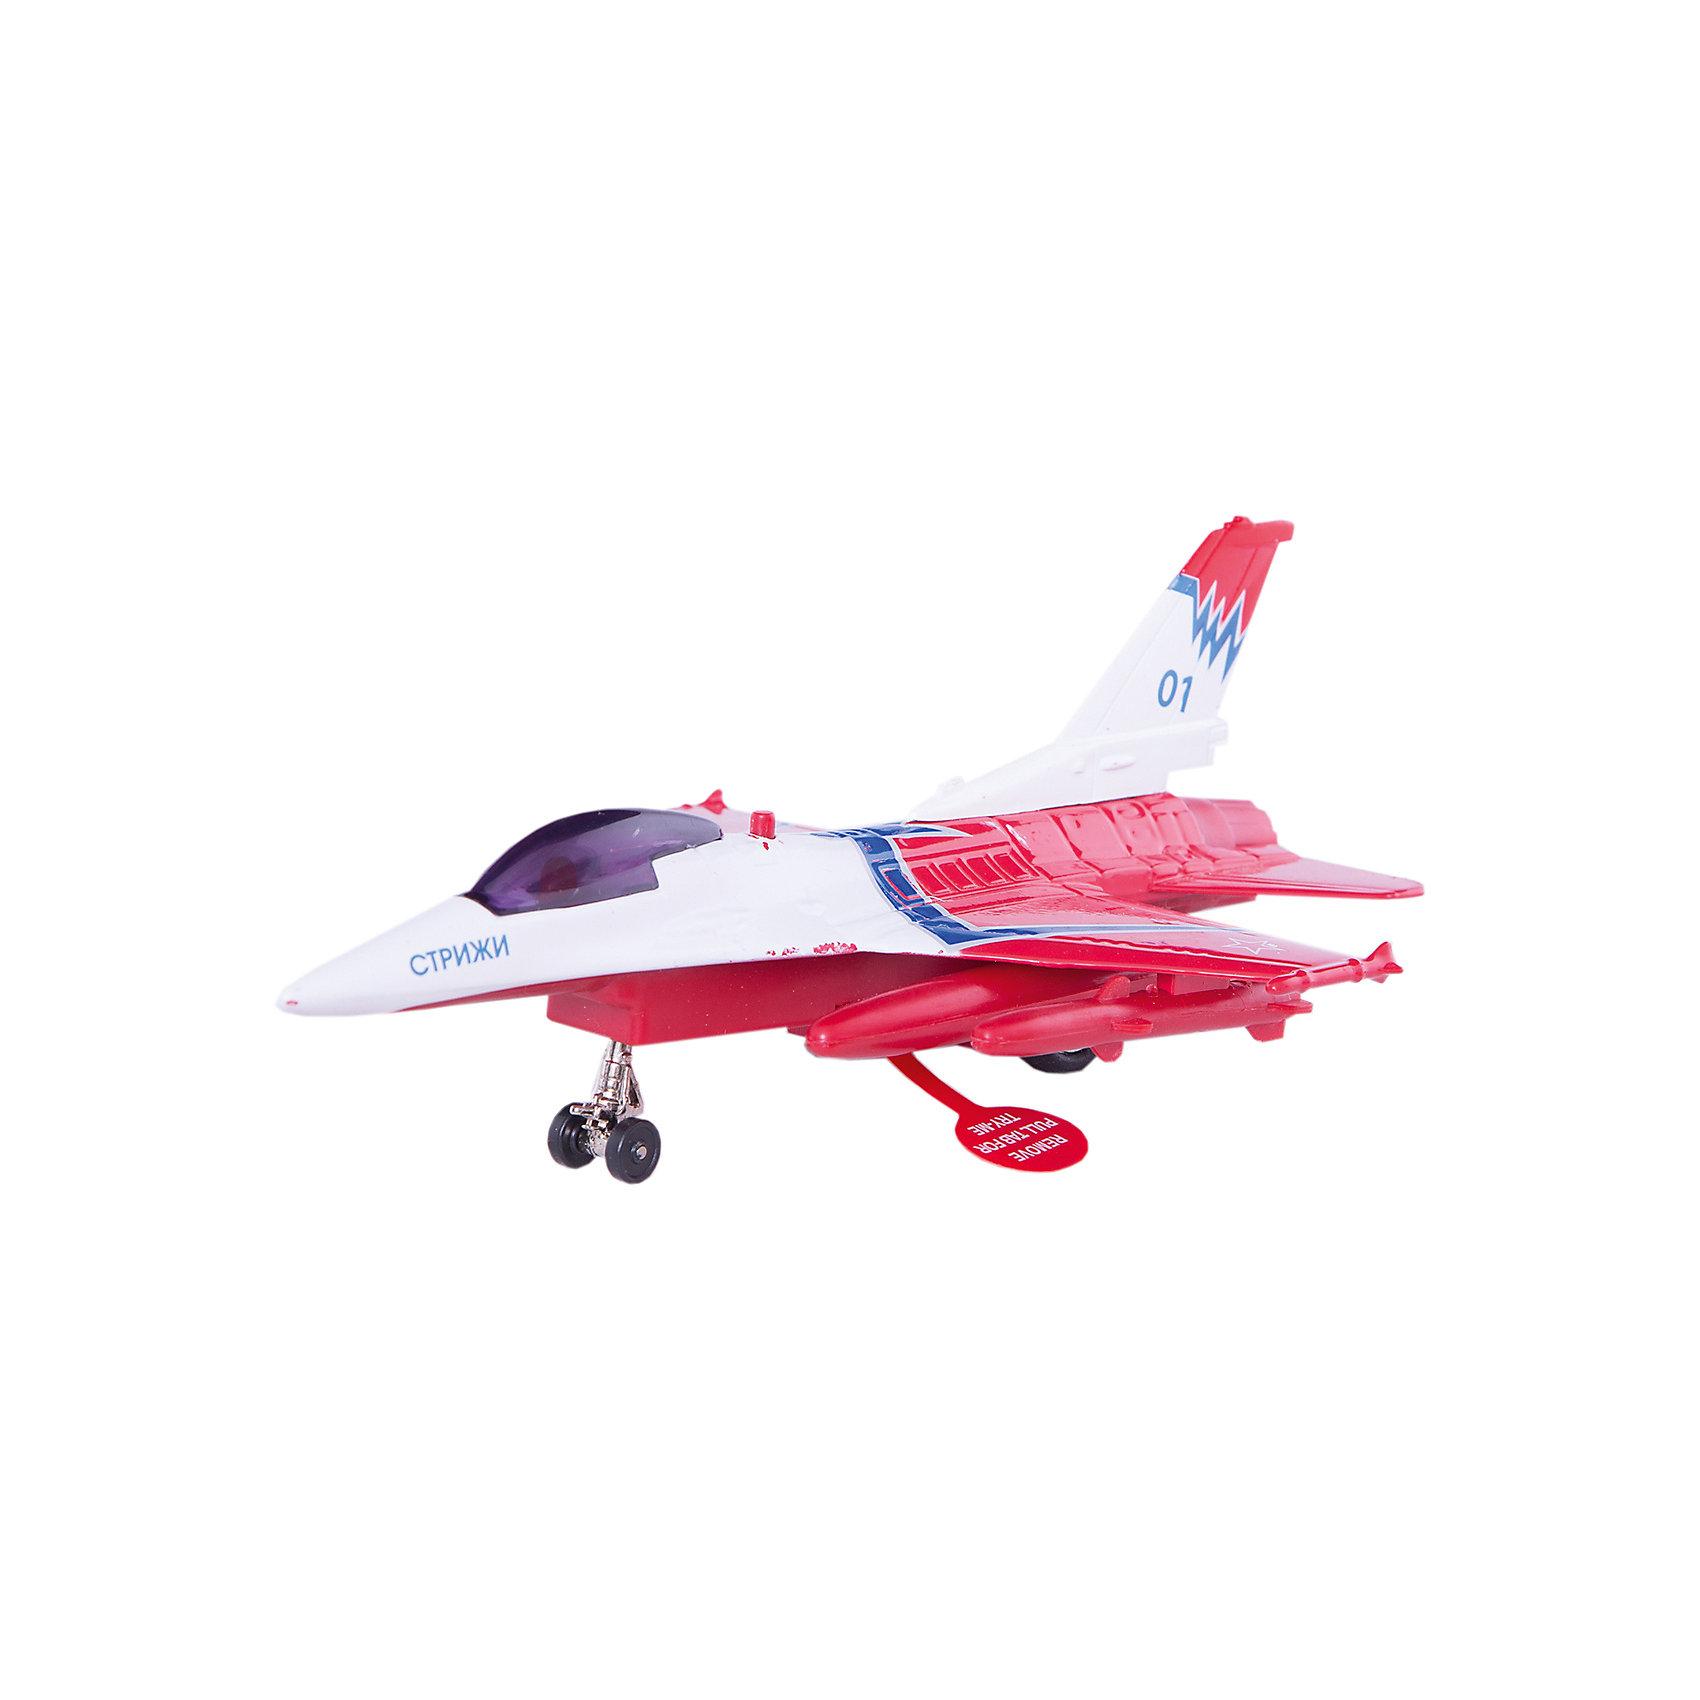 Истребитель, инерционный, со светом и звуком, ТЕХНОПАРКСамолёты и вертолёты<br>Самолет является уменьшенной копией истребителя Стрижи.  Игрушка выполнена из высококачественных материалов, хорошо детализирована, имеет инерционный механизм, световые и звуковые эффекты. Прекрасное дополнение в коллекцию юных любителей самолетов!  <br><br>Дополнительная информация:<br><br>- Материал: пластик, металл.<br>- Размер упаковки:  14 x 26 x 15 см.<br>- Элемент питания: батарейки (в комплекте).<br>- Световые и звуковые эффекты. <br><br>Истребитель, инерционный, со светом и звуком, ТЕХНОПАРК, можно купить в нашем магазине.<br><br>Ширина мм: 260<br>Глубина мм: 150<br>Высота мм: 140<br>Вес г: 380<br>Возраст от месяцев: 36<br>Возраст до месяцев: 192<br>Пол: Мужской<br>Возраст: Детский<br>SKU: 4231398